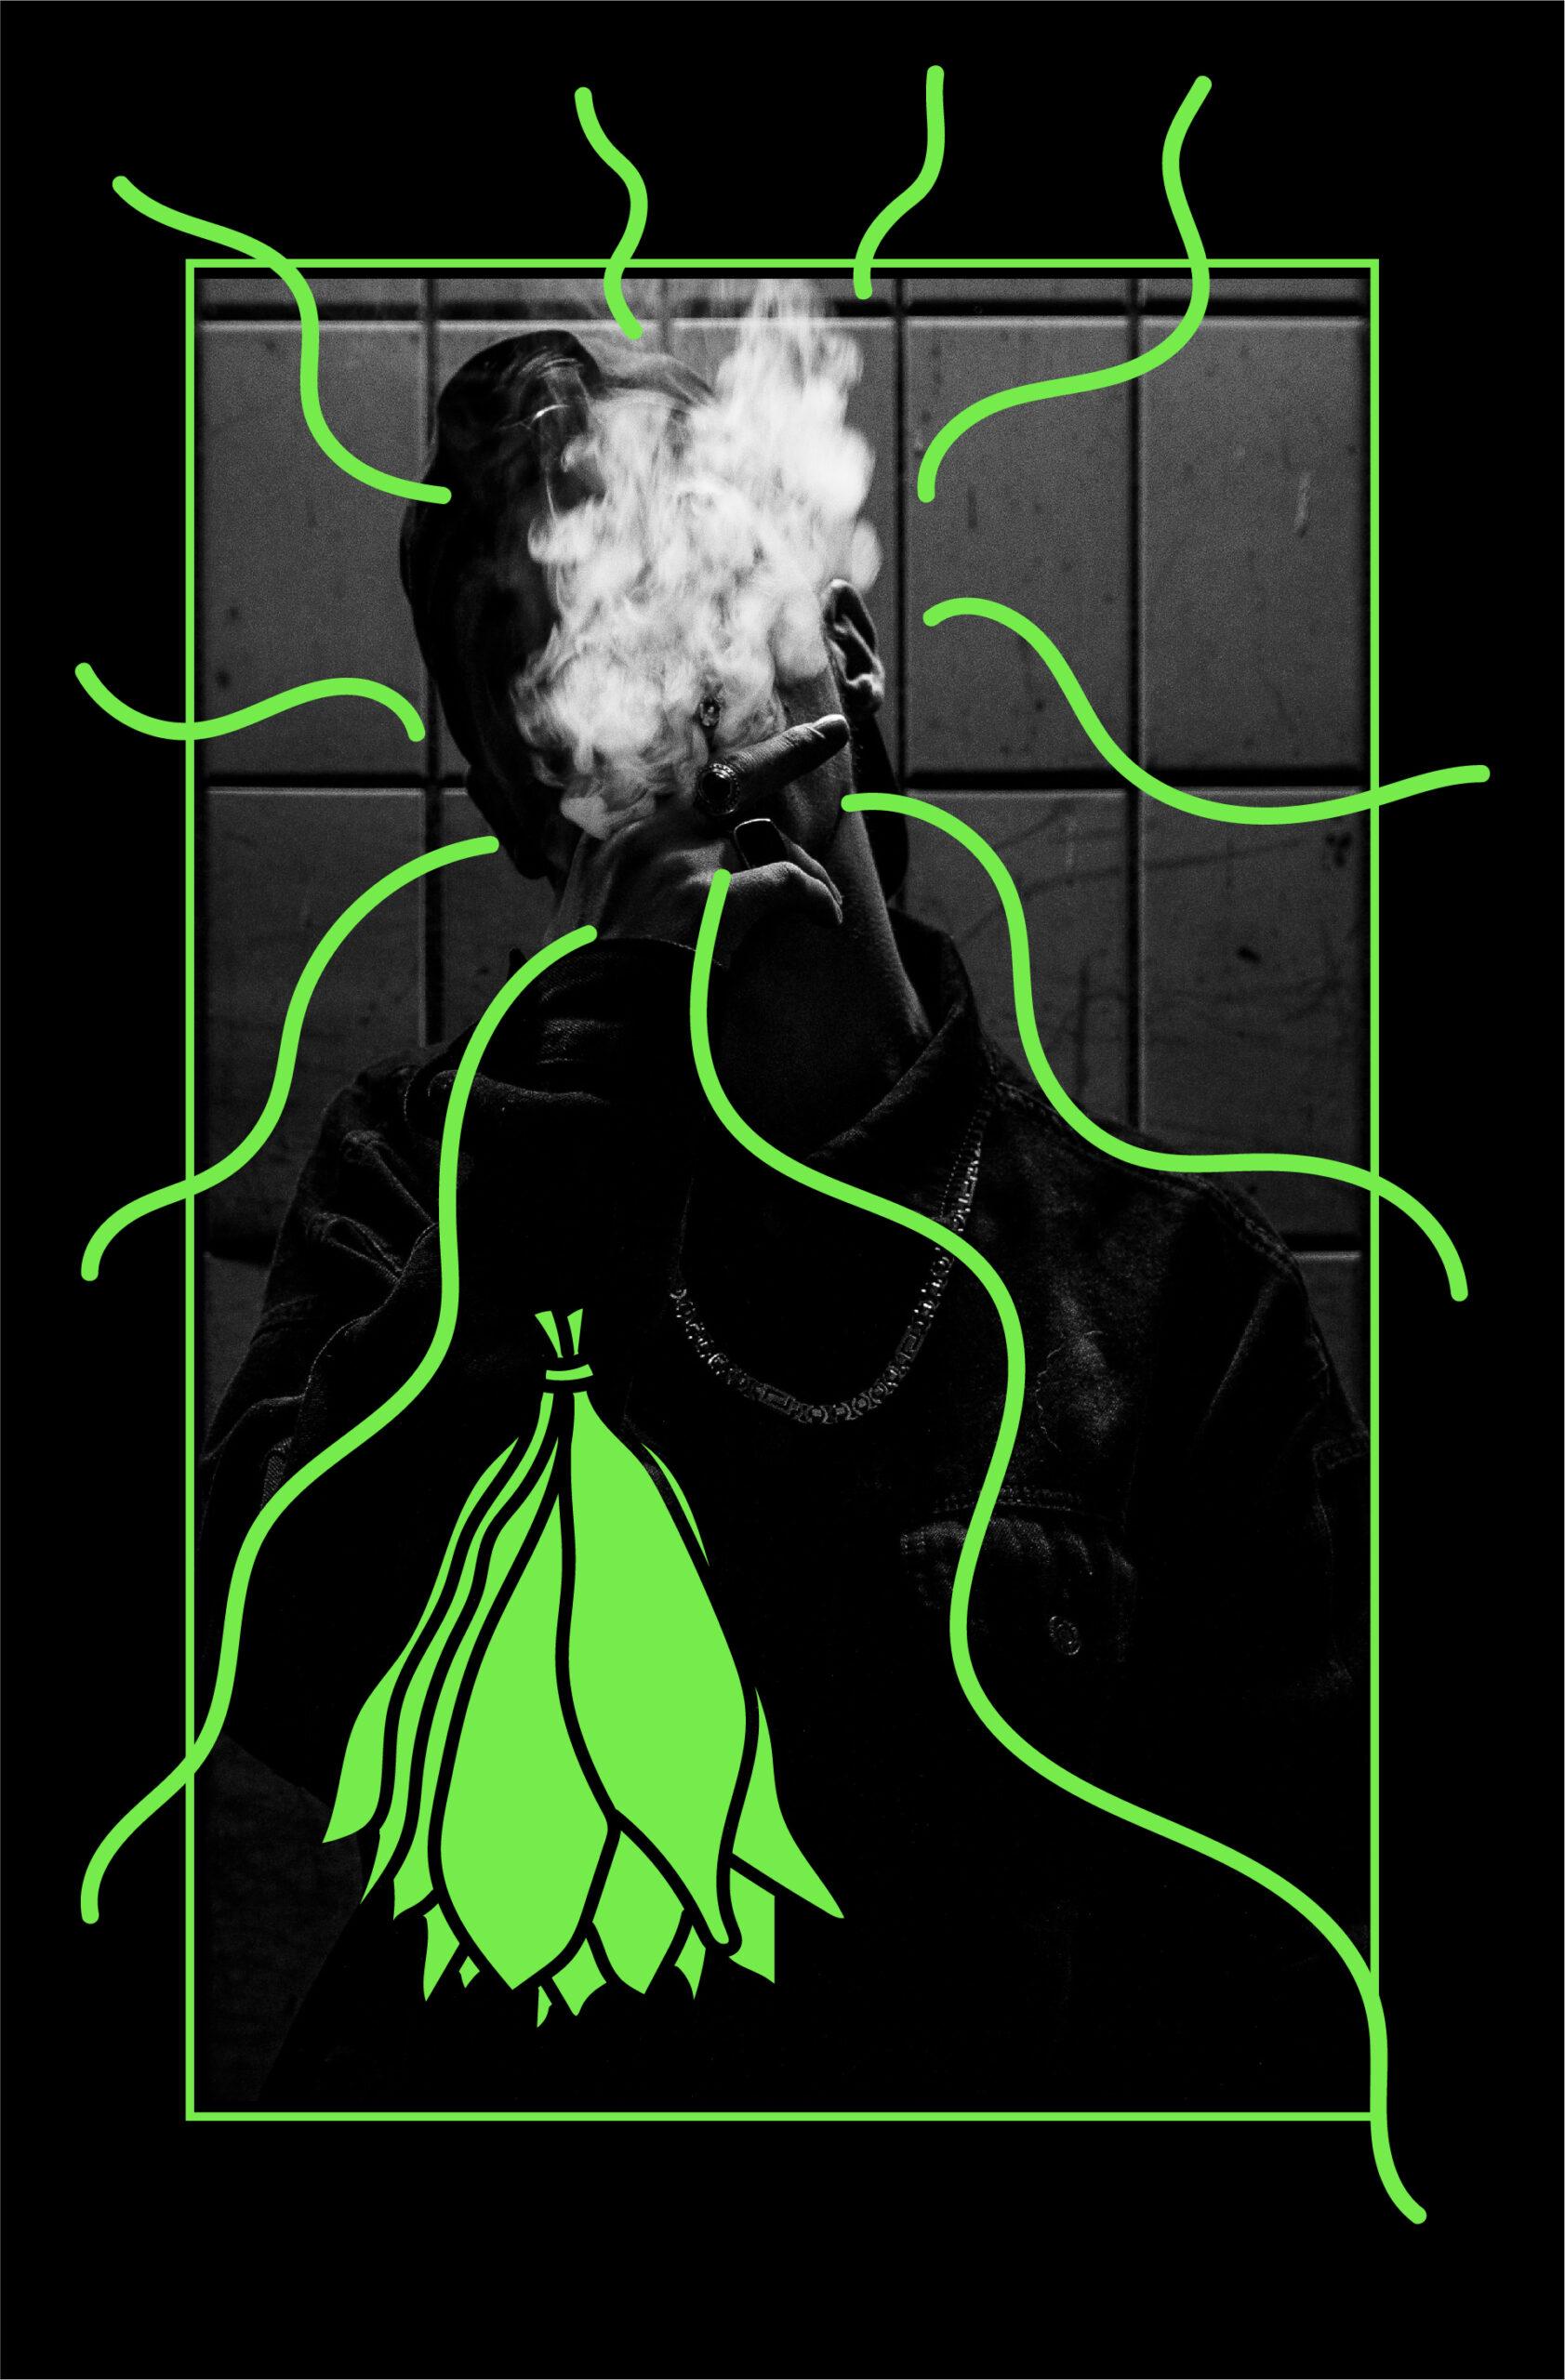 Tobacco/nicotine